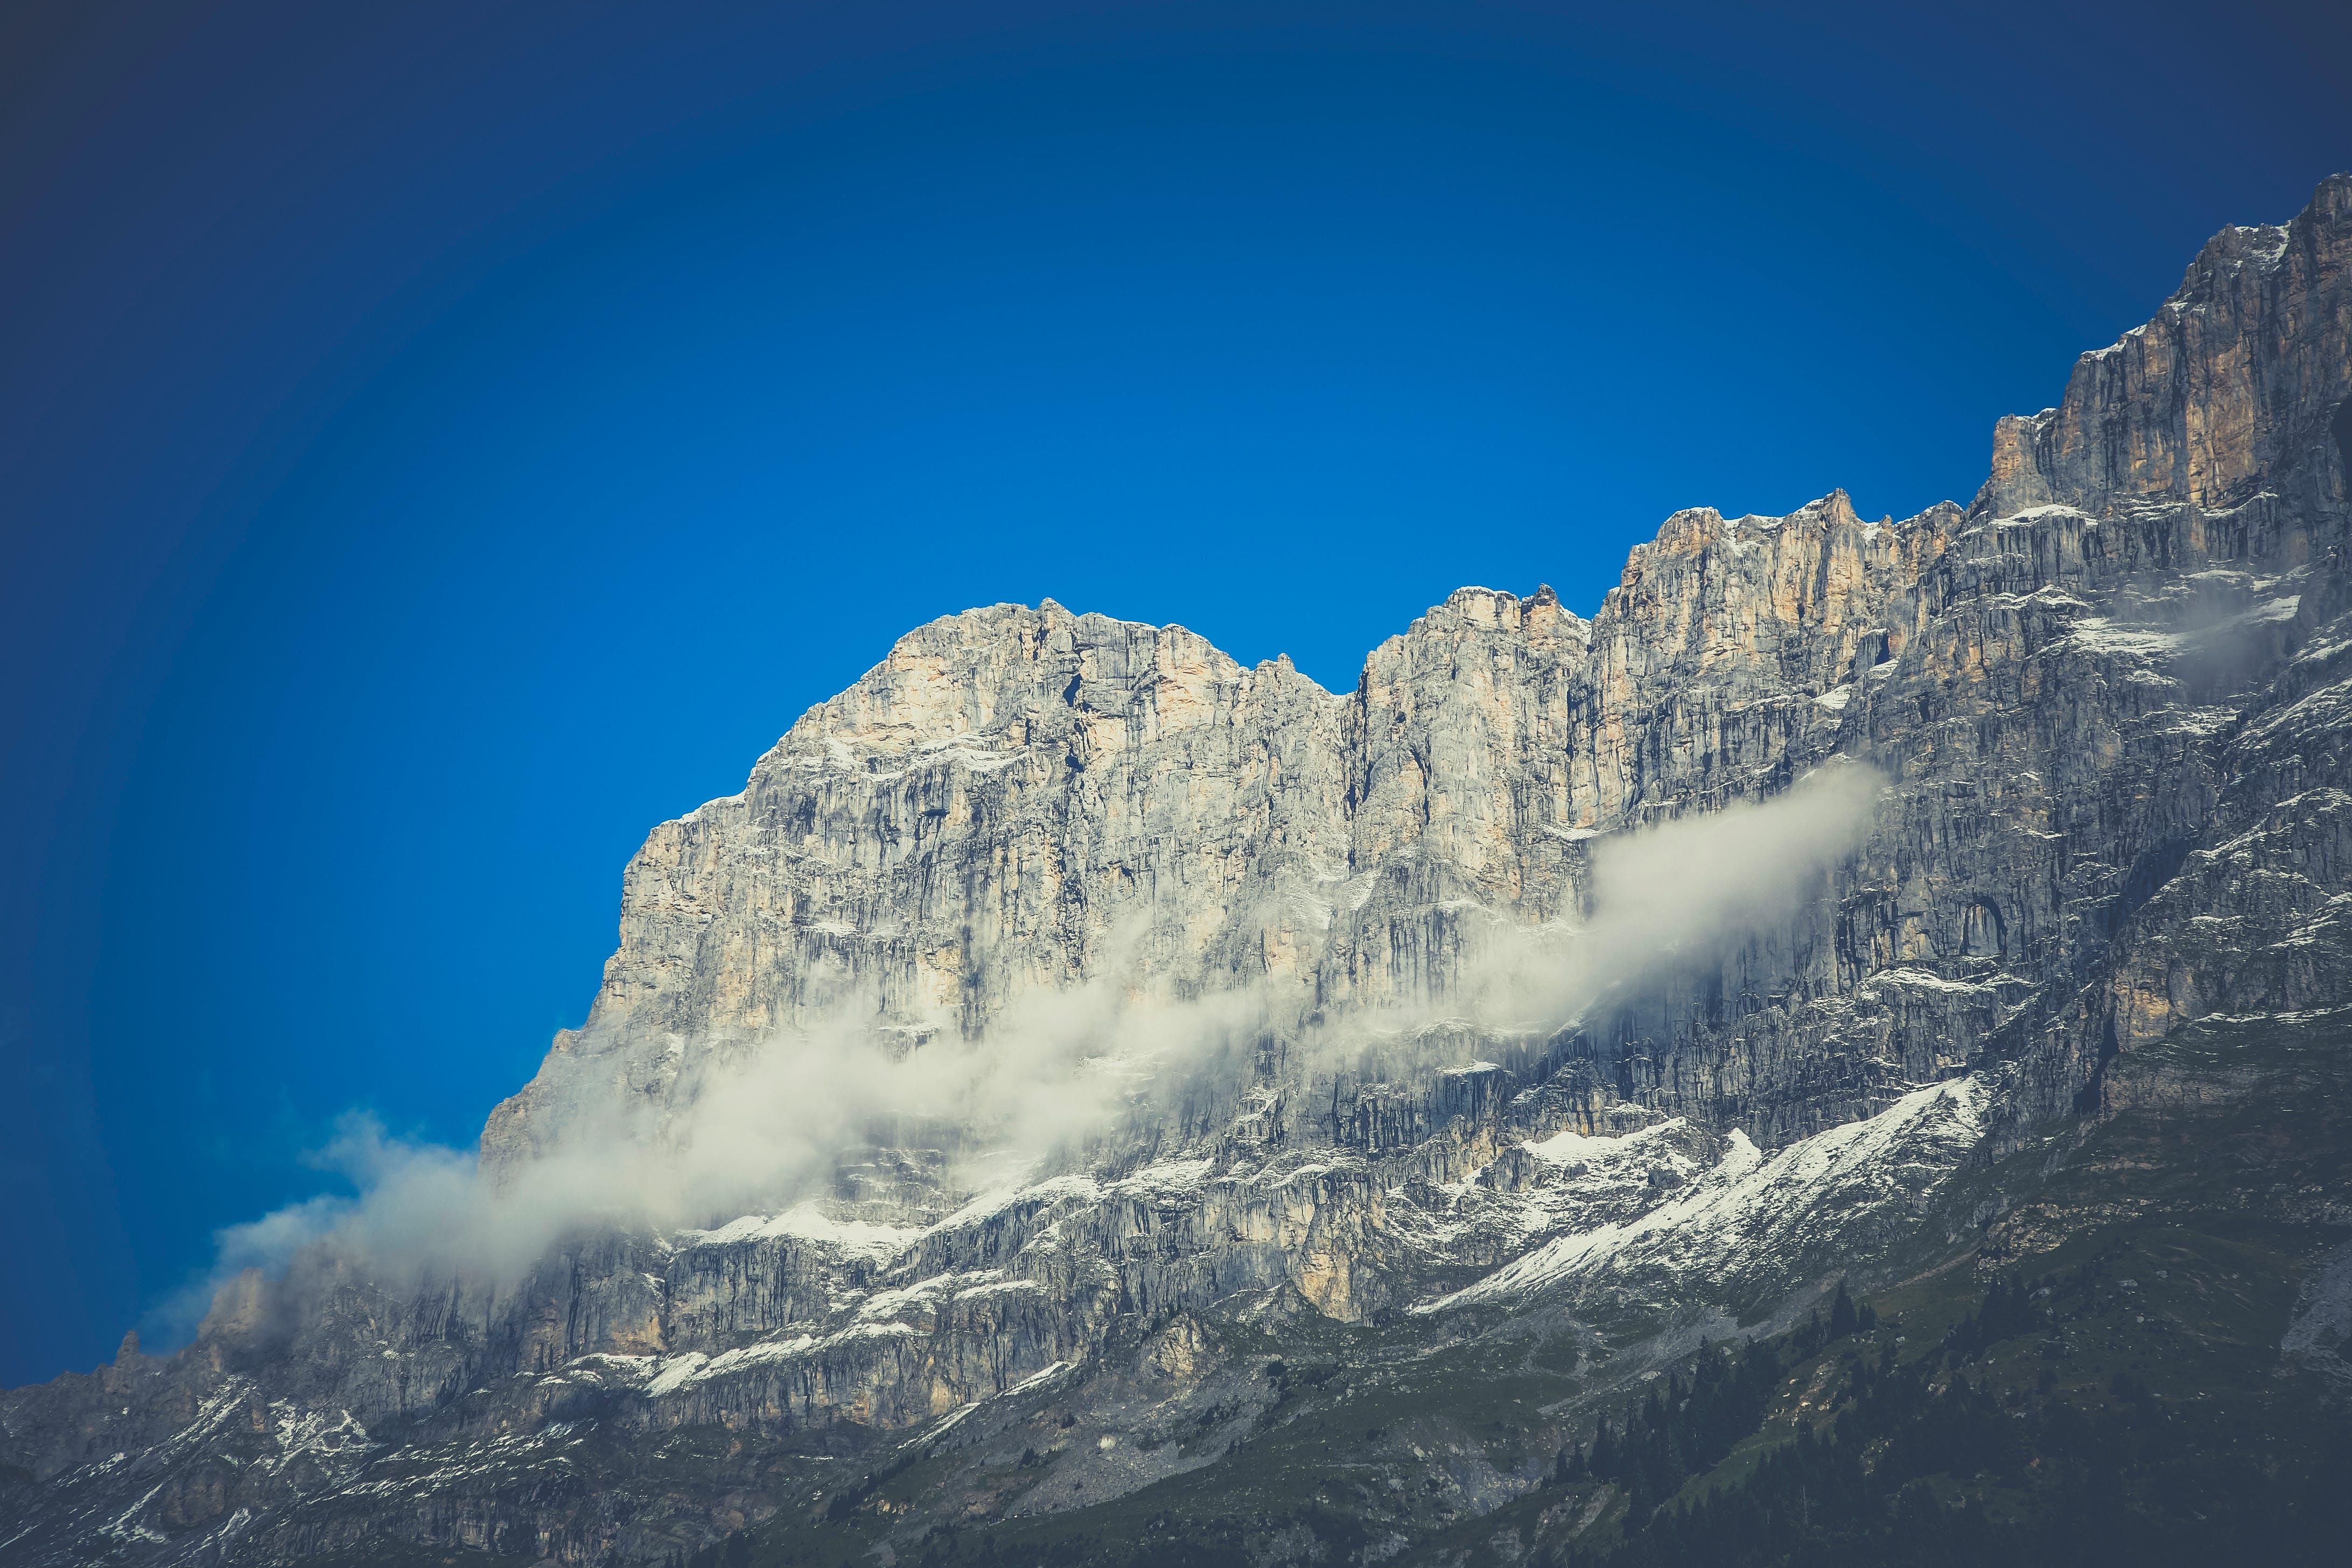 Free stock photo of landscape, sky, mountain, rocky